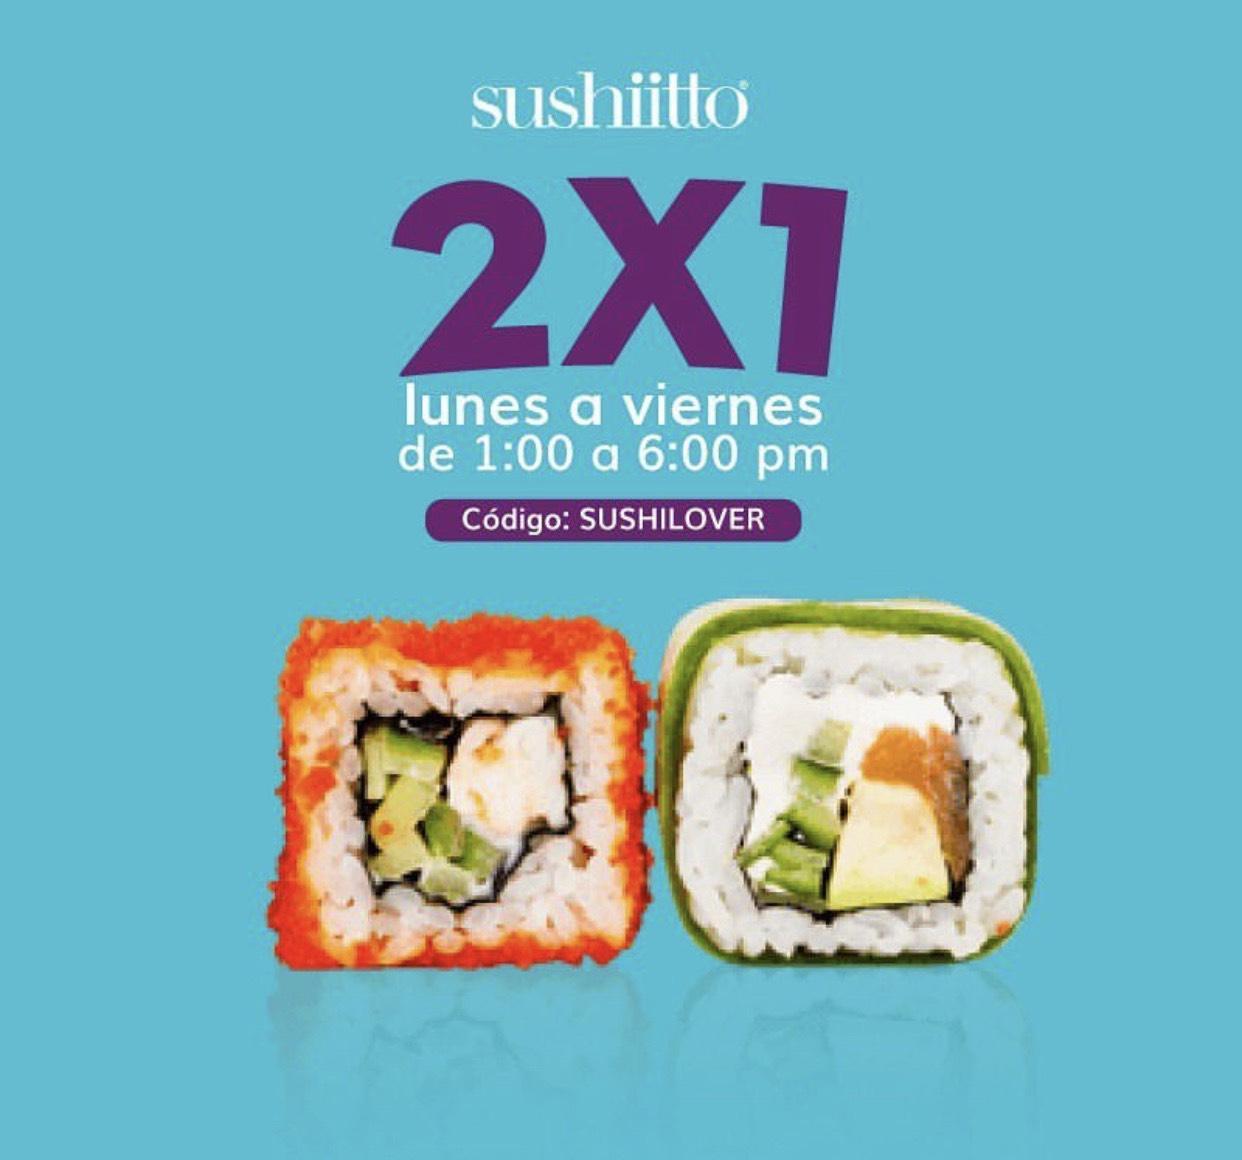 2x1 en Sushiitto Puebla